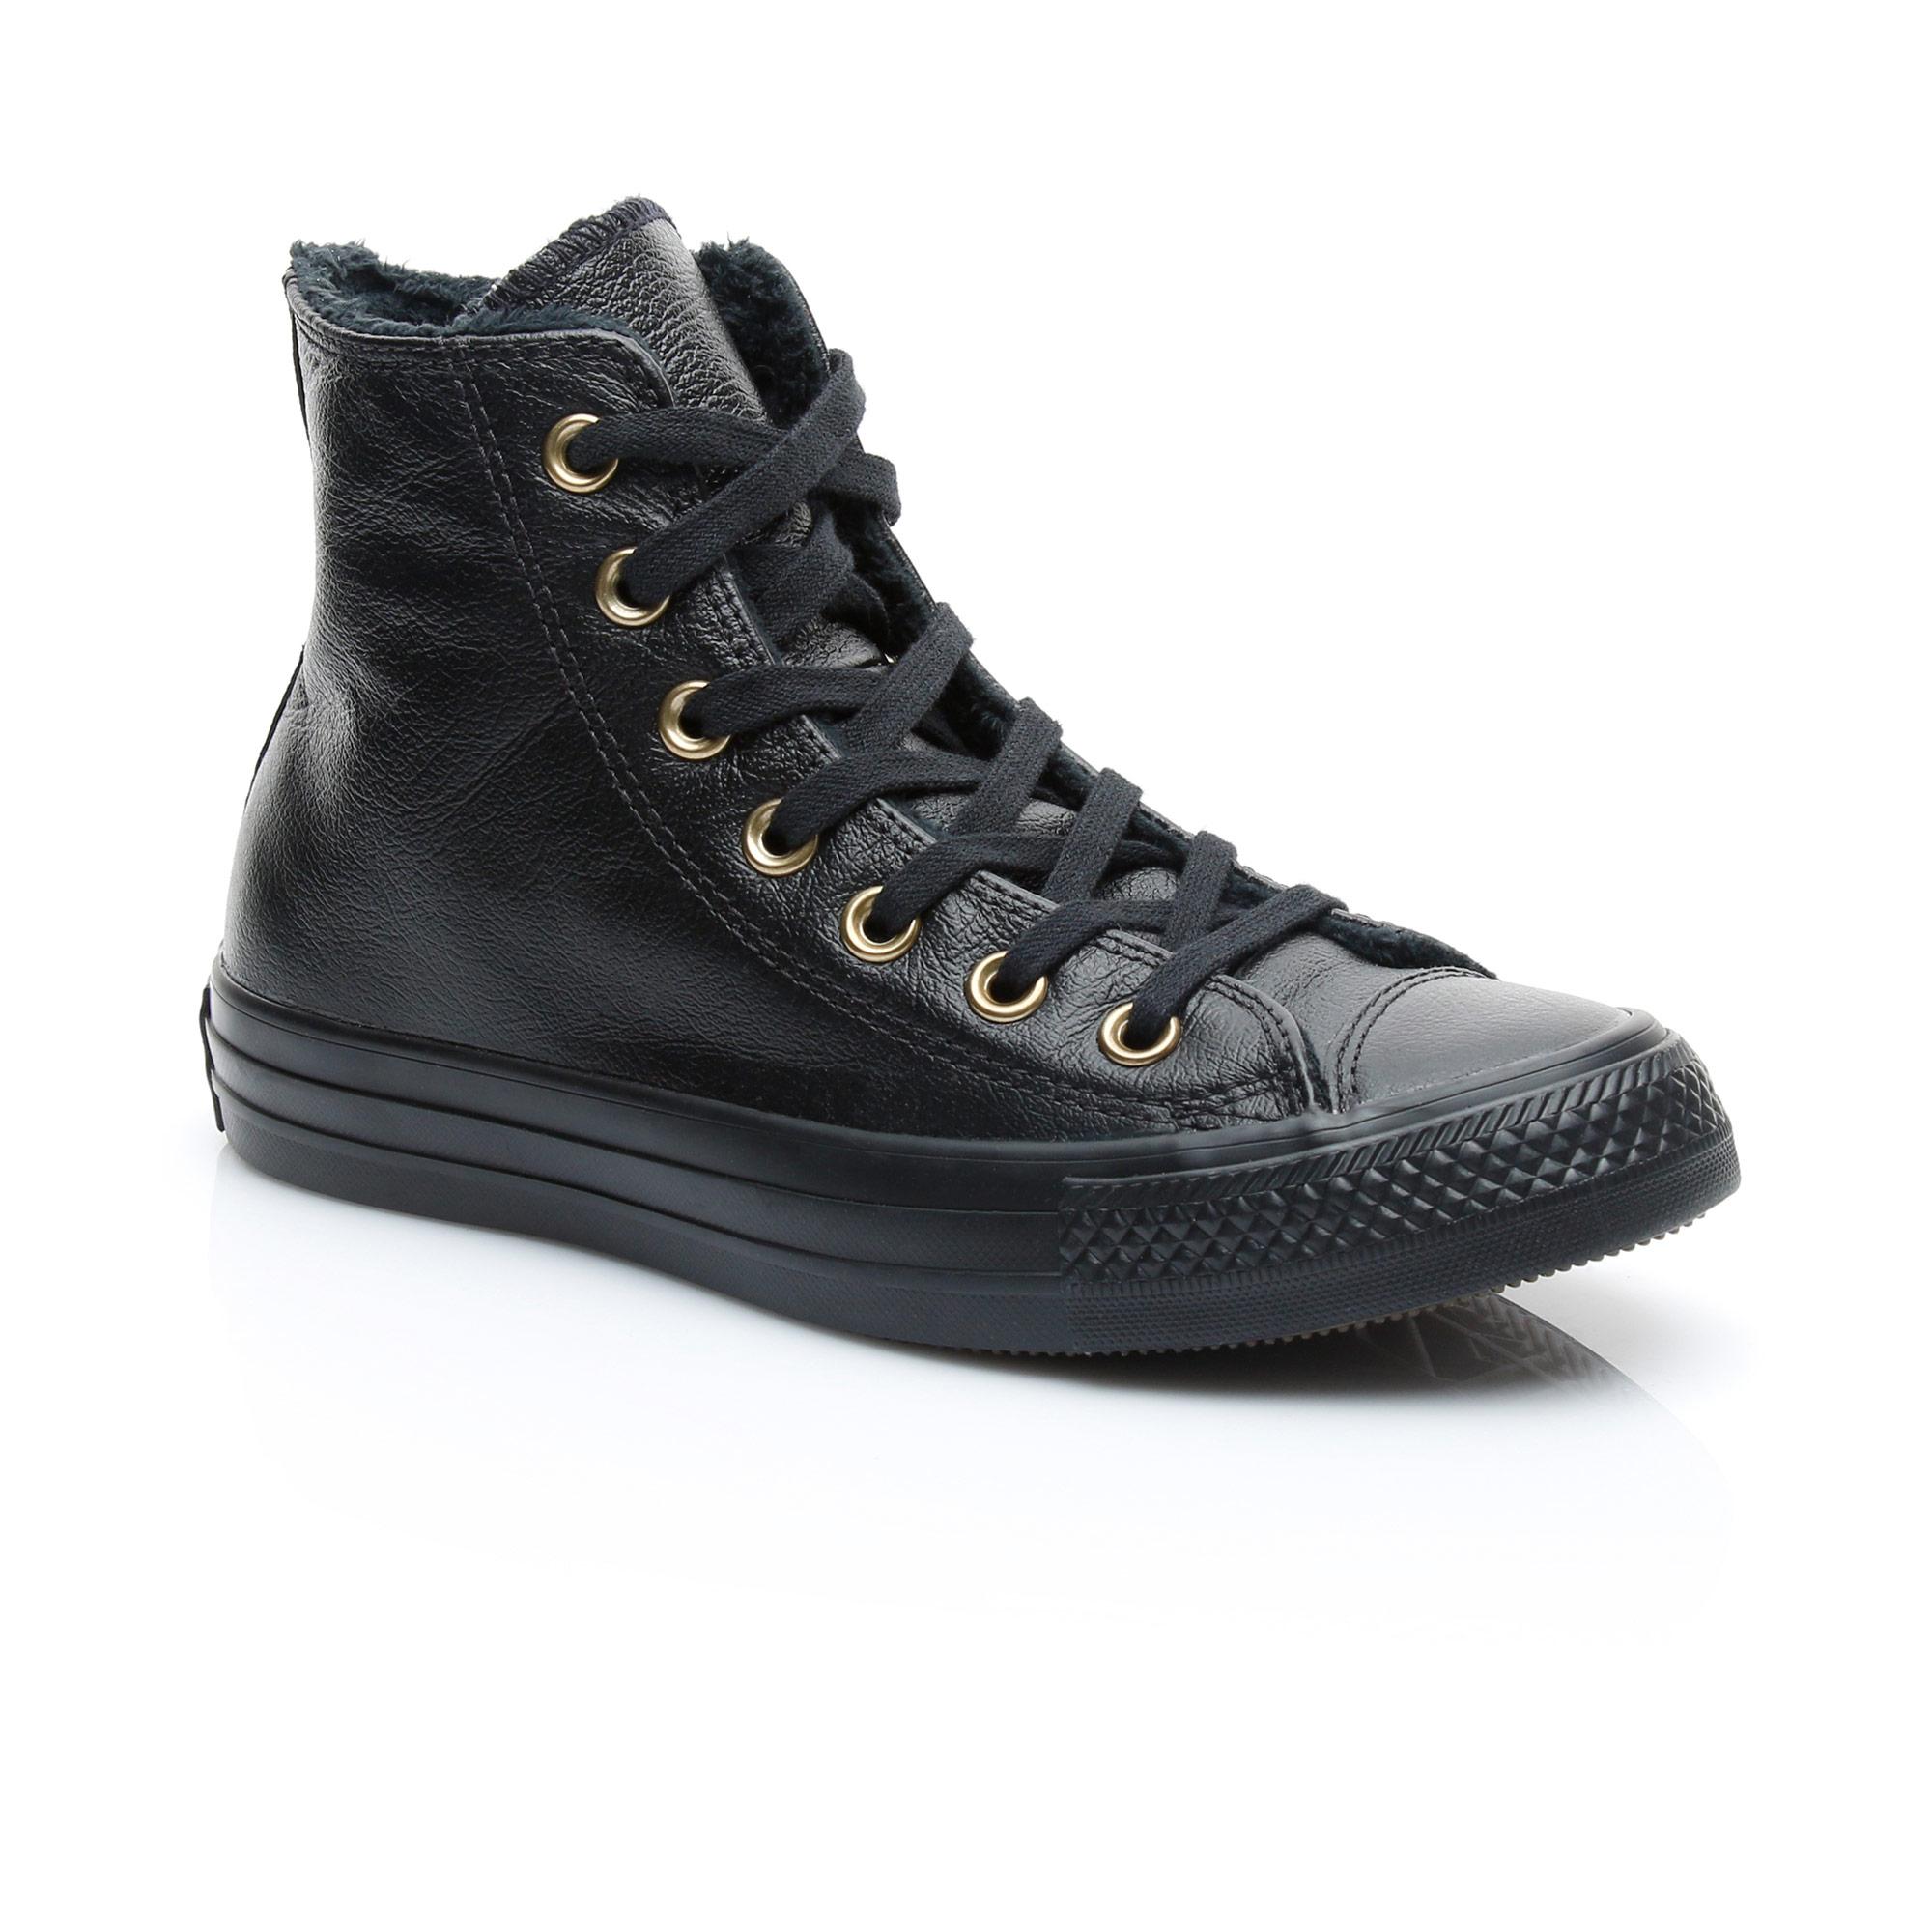 7450916dd3d1 Converse Kadın Chuck Taylor All Star Sneaker Ayakkabı Kadin Sneaker ...